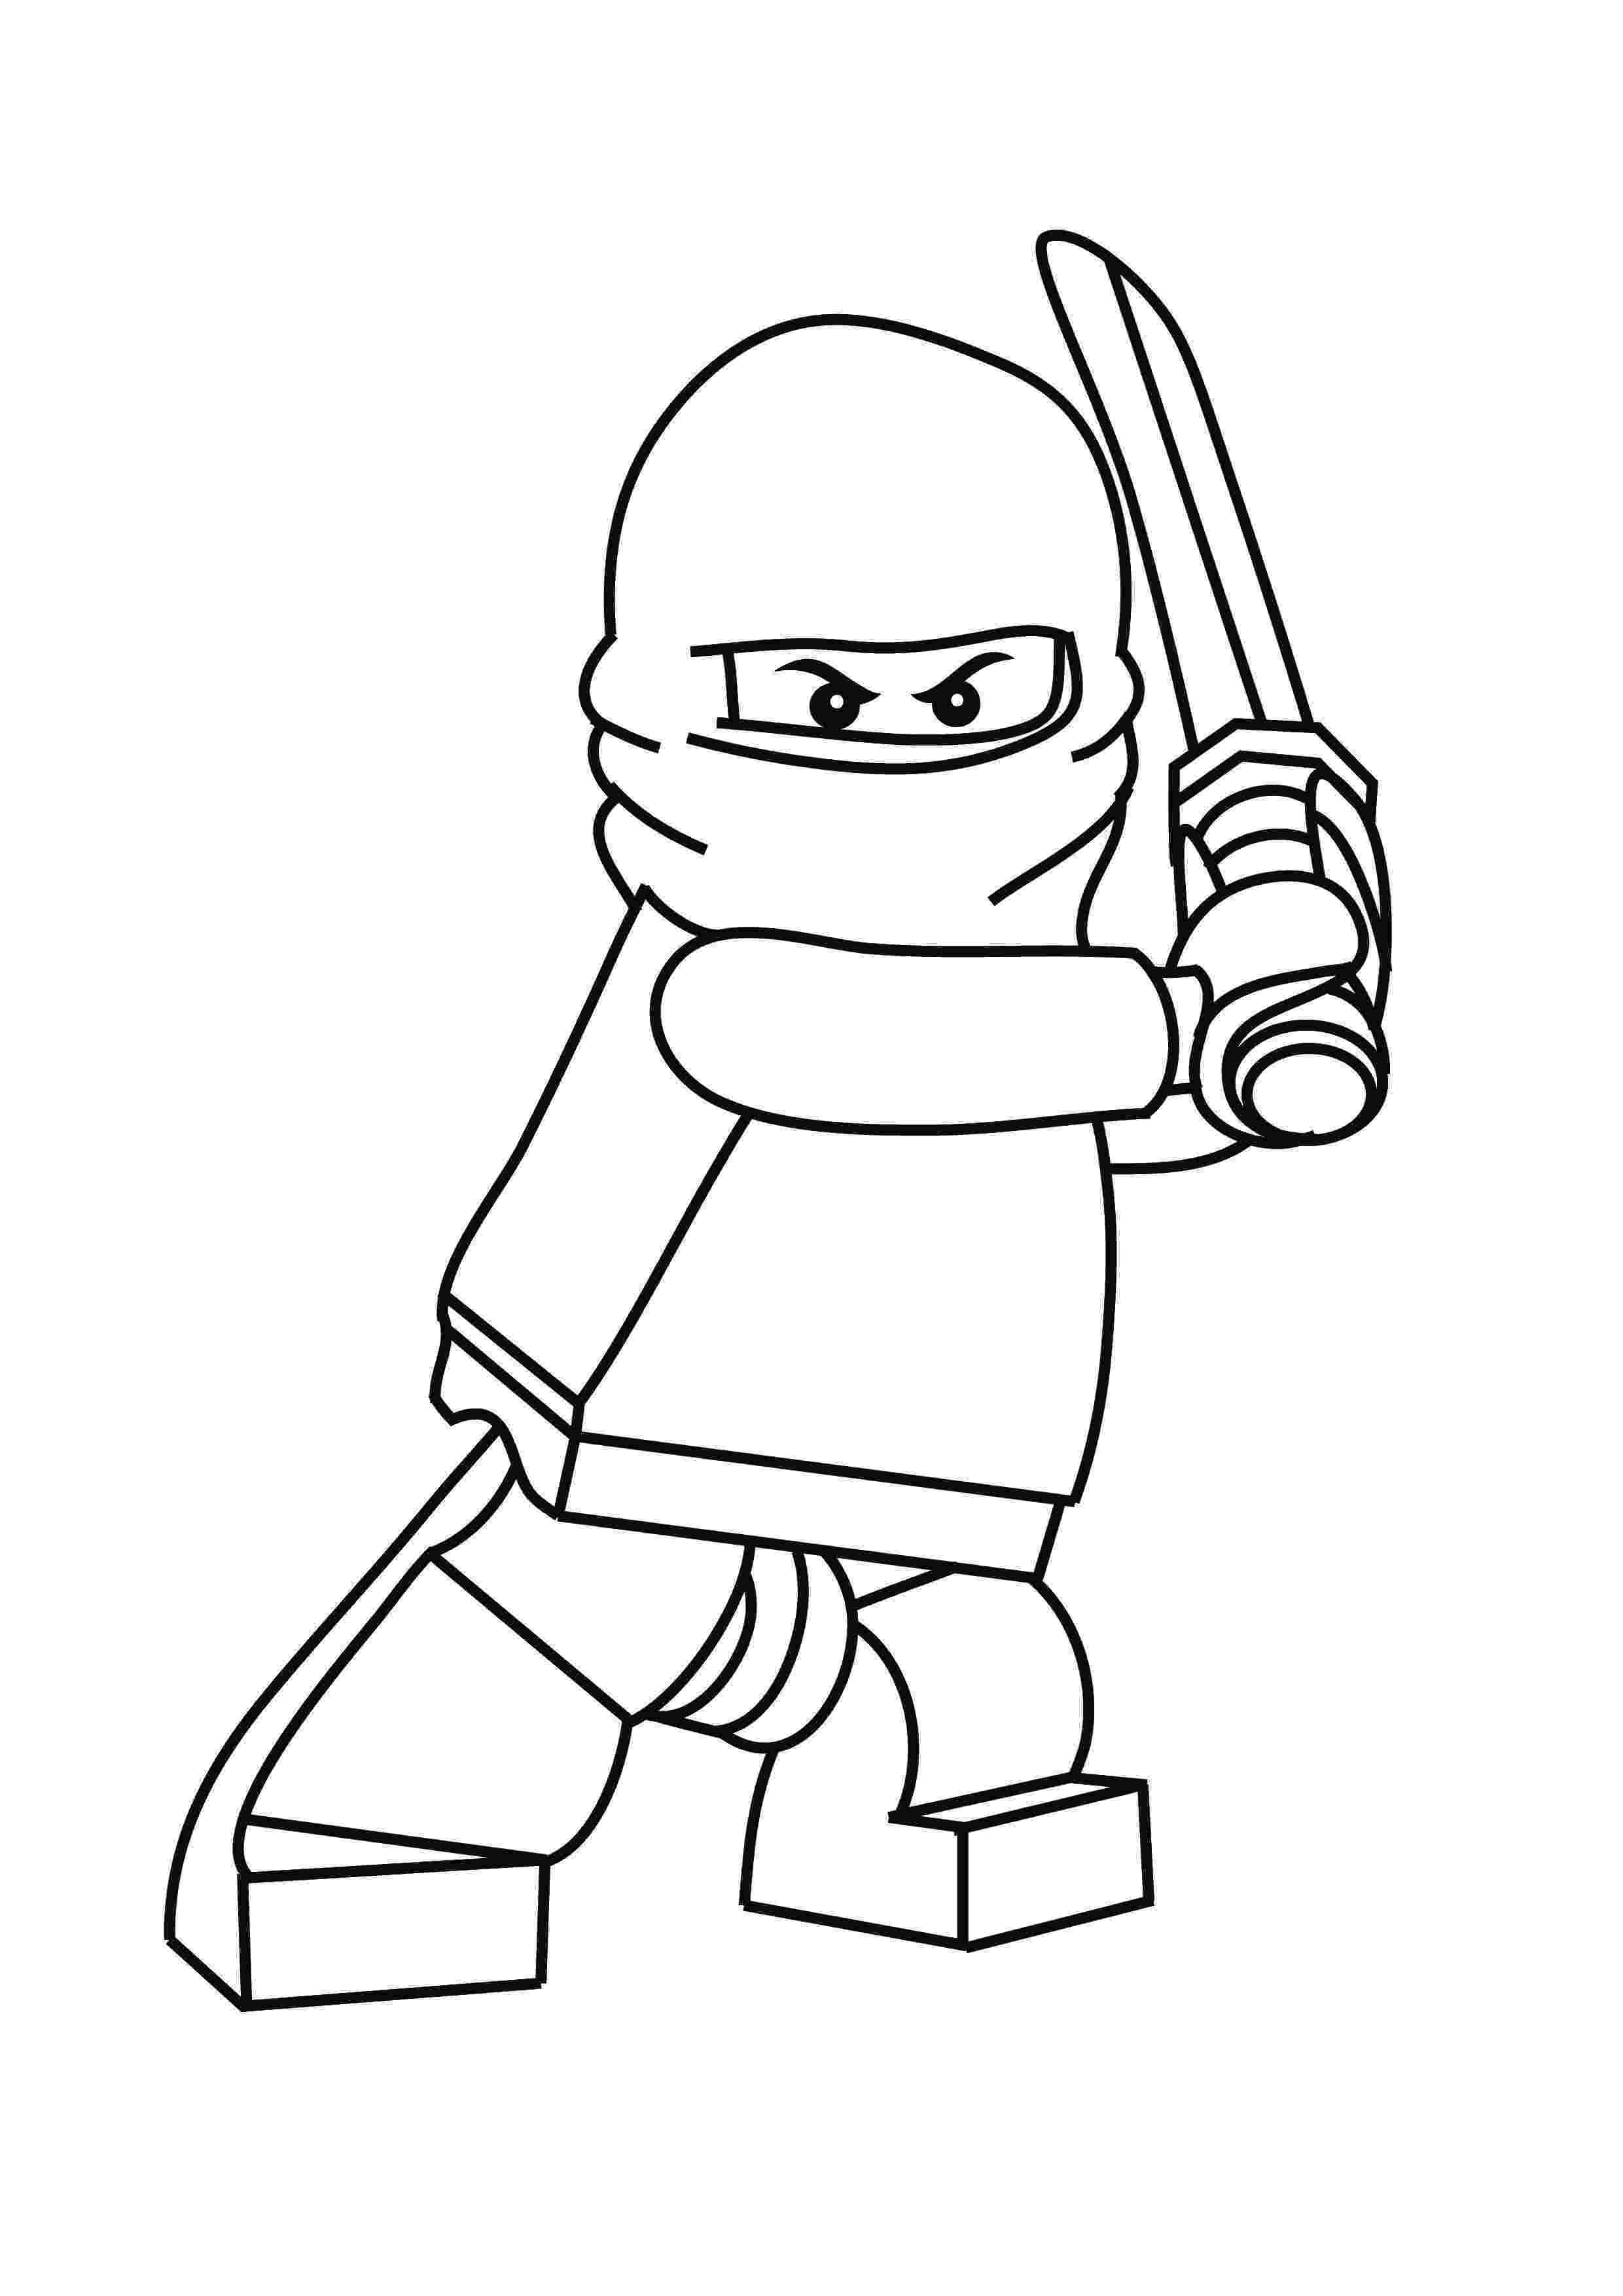 ninjago coloring lego ninjago coloring pages best coloring pages for kids coloring ninjago 1 1